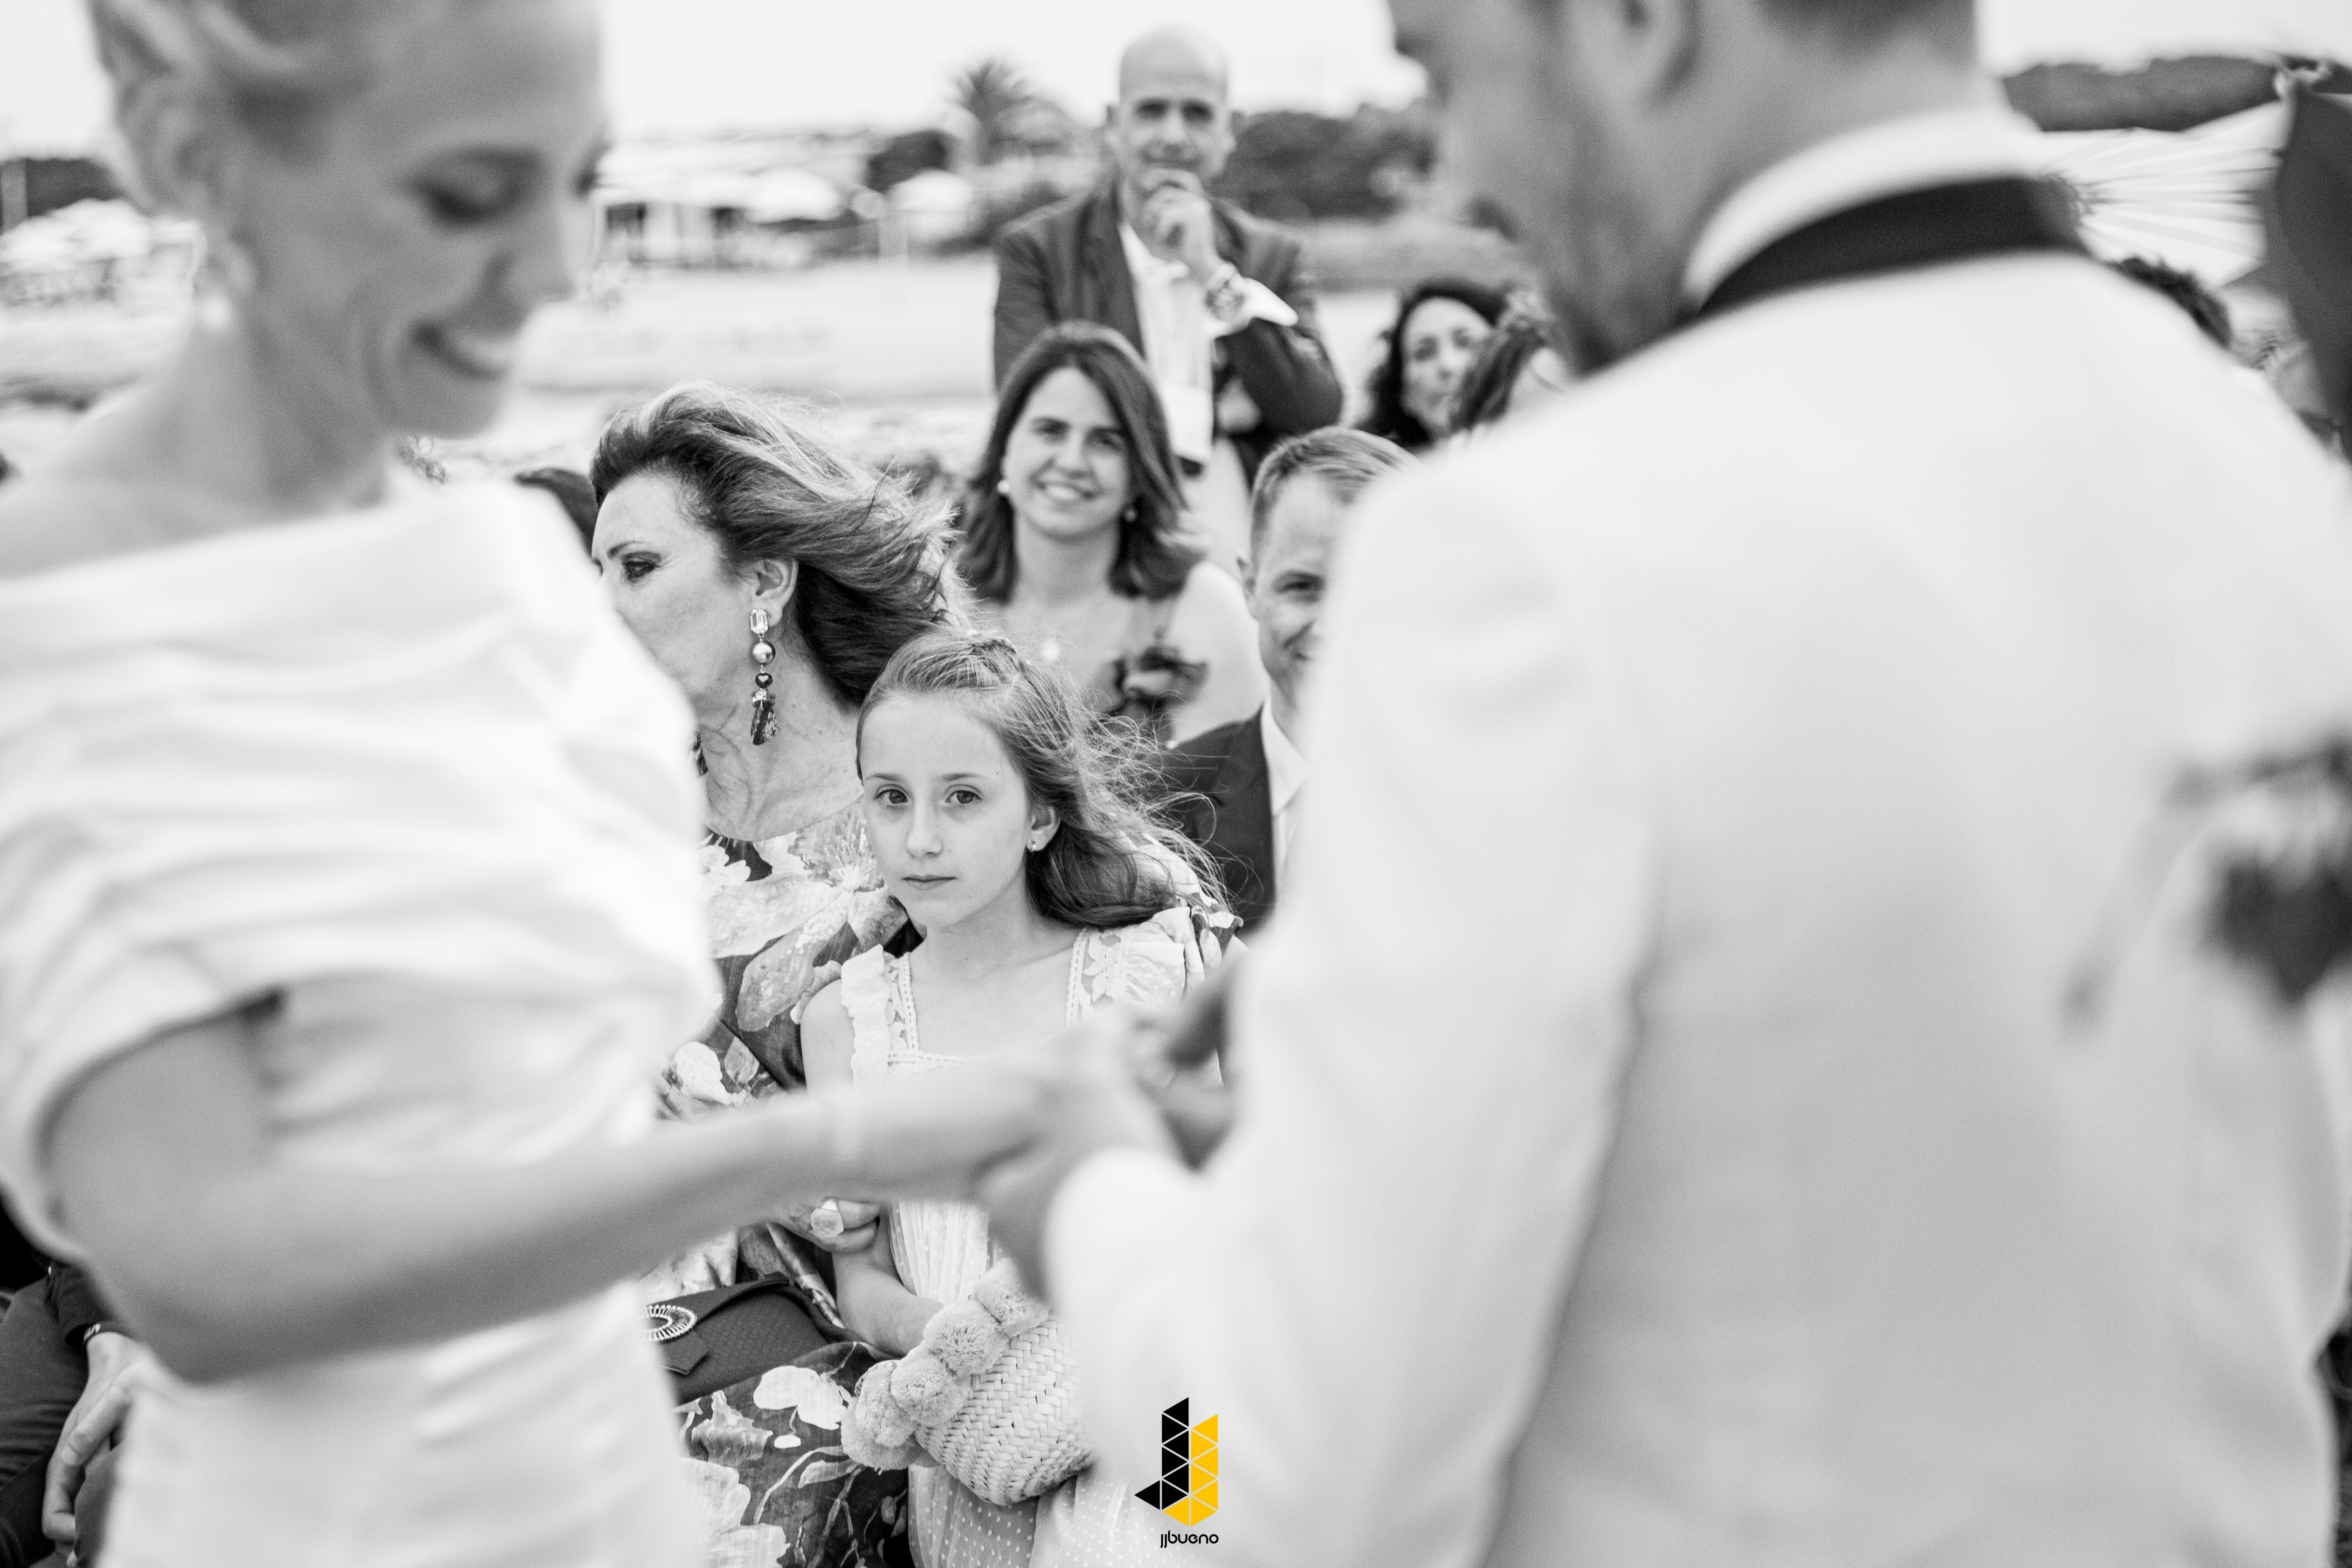 Mira de una niña en la boda